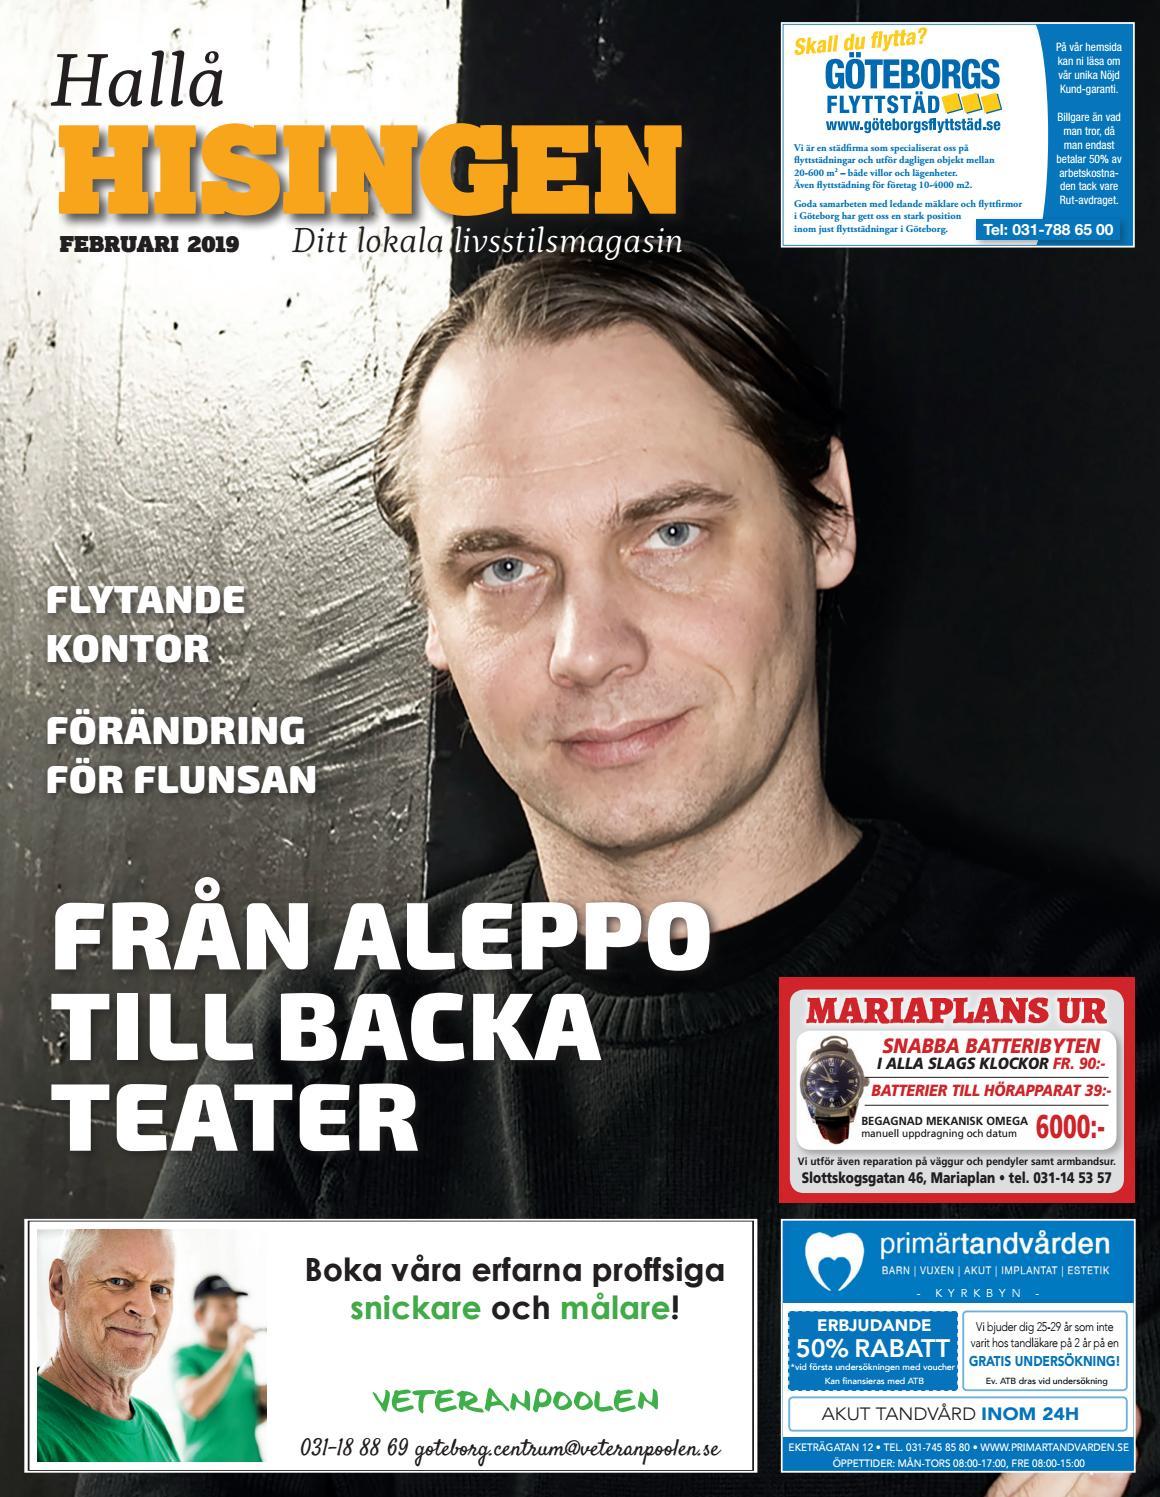 0e59724c0bf6 Hallå Hisingen februari 2019 by MediaKonsult - issuu